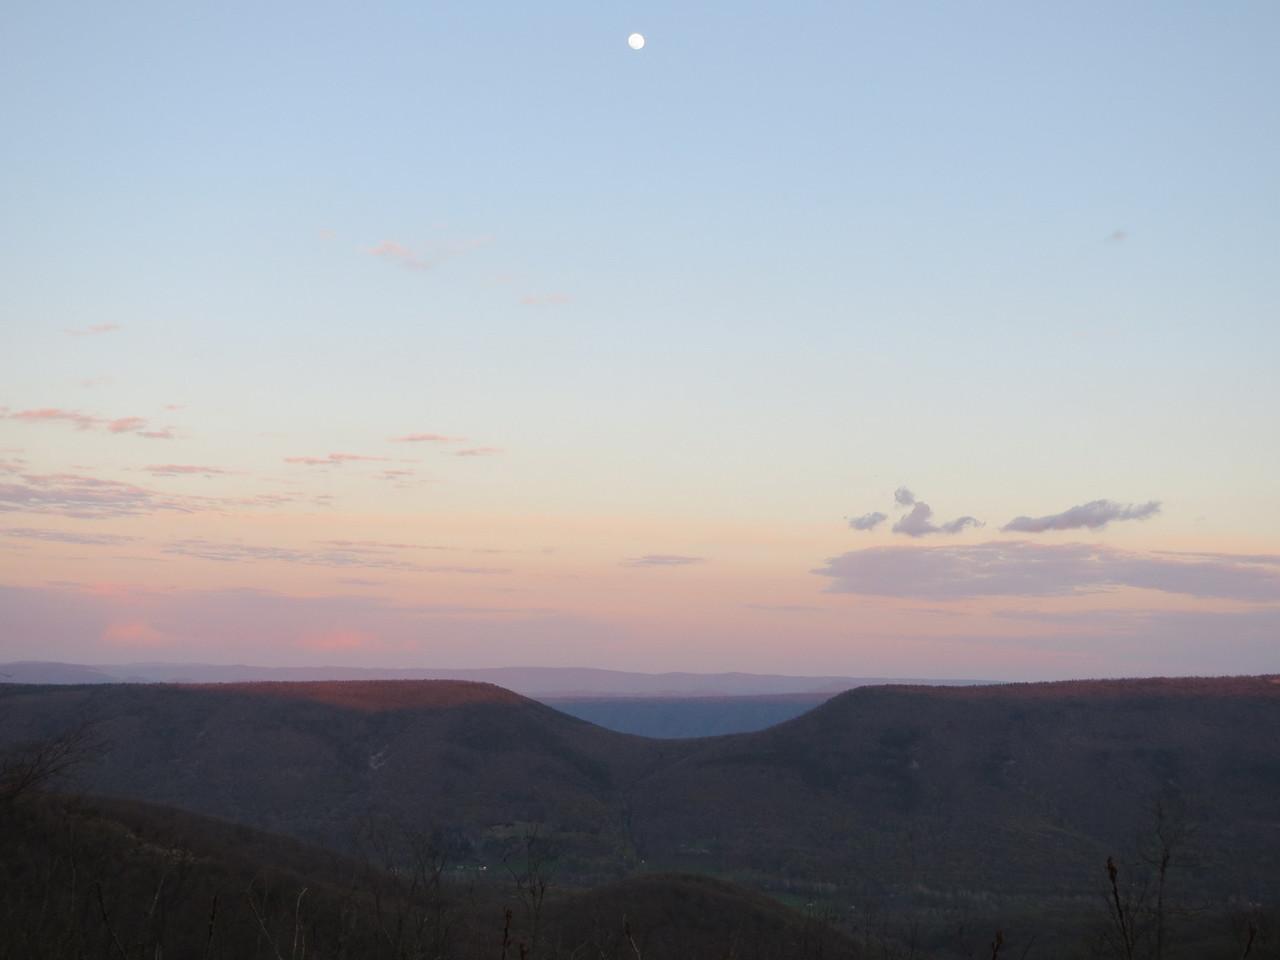 Day 2: Saddle Mountain at dusk, MD. (Mark)